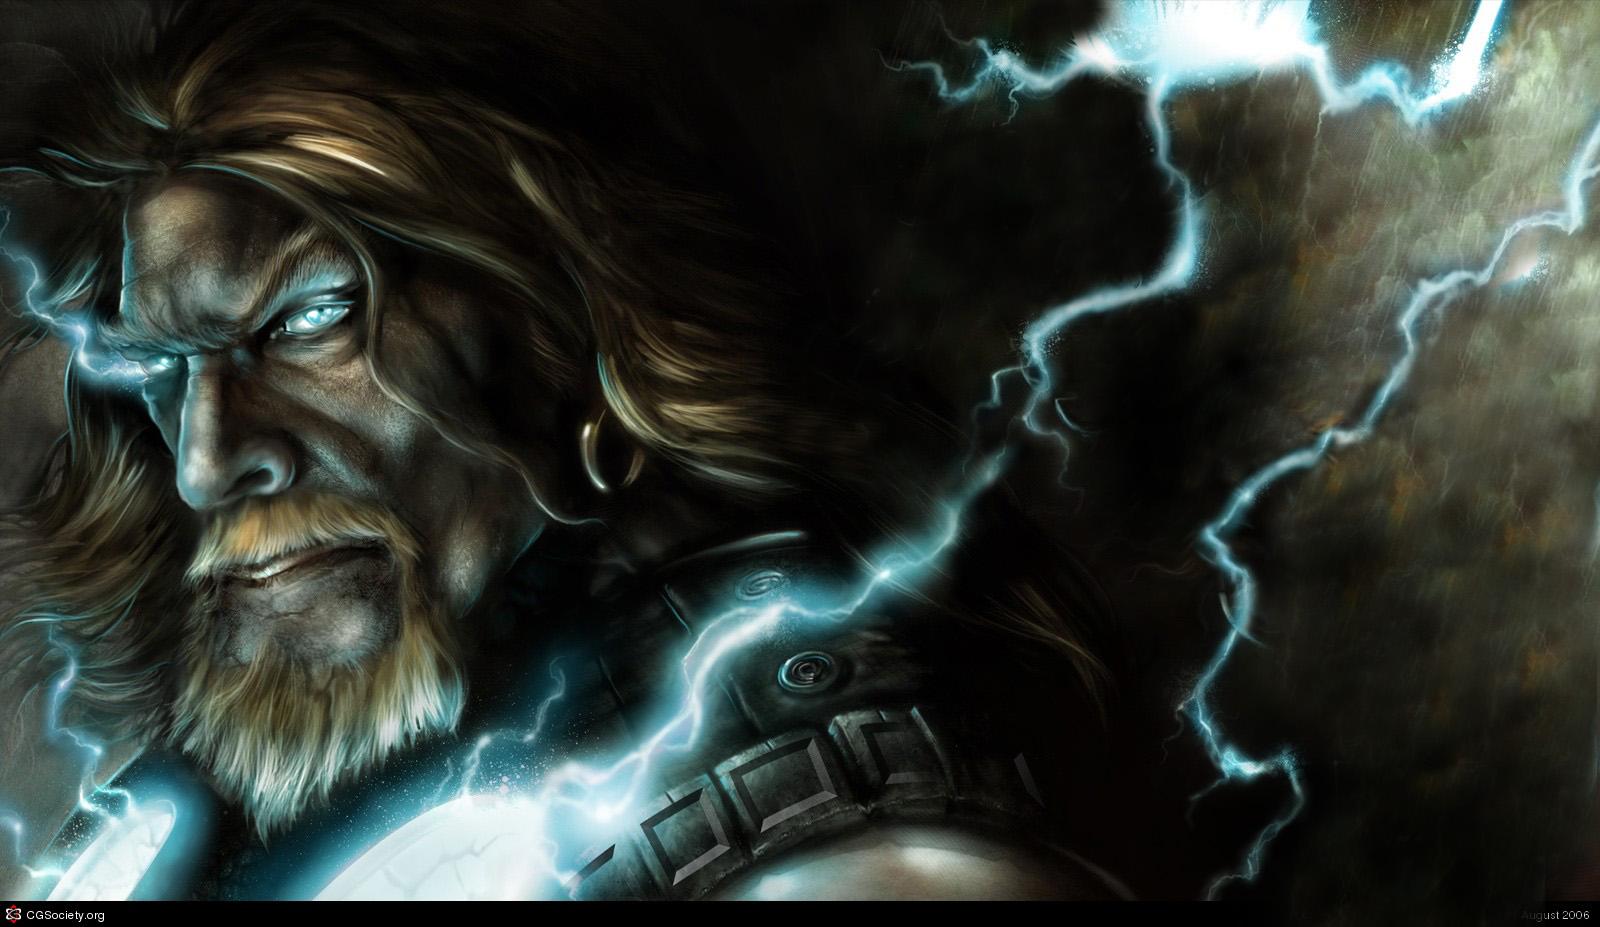 http://4.bp.blogspot.com/-a8dCE28q6Ac/Te0Gd9TlvAI/AAAAAAAAB5M/0ctODR9oLV0/s1600/Mean-Thor.jpg